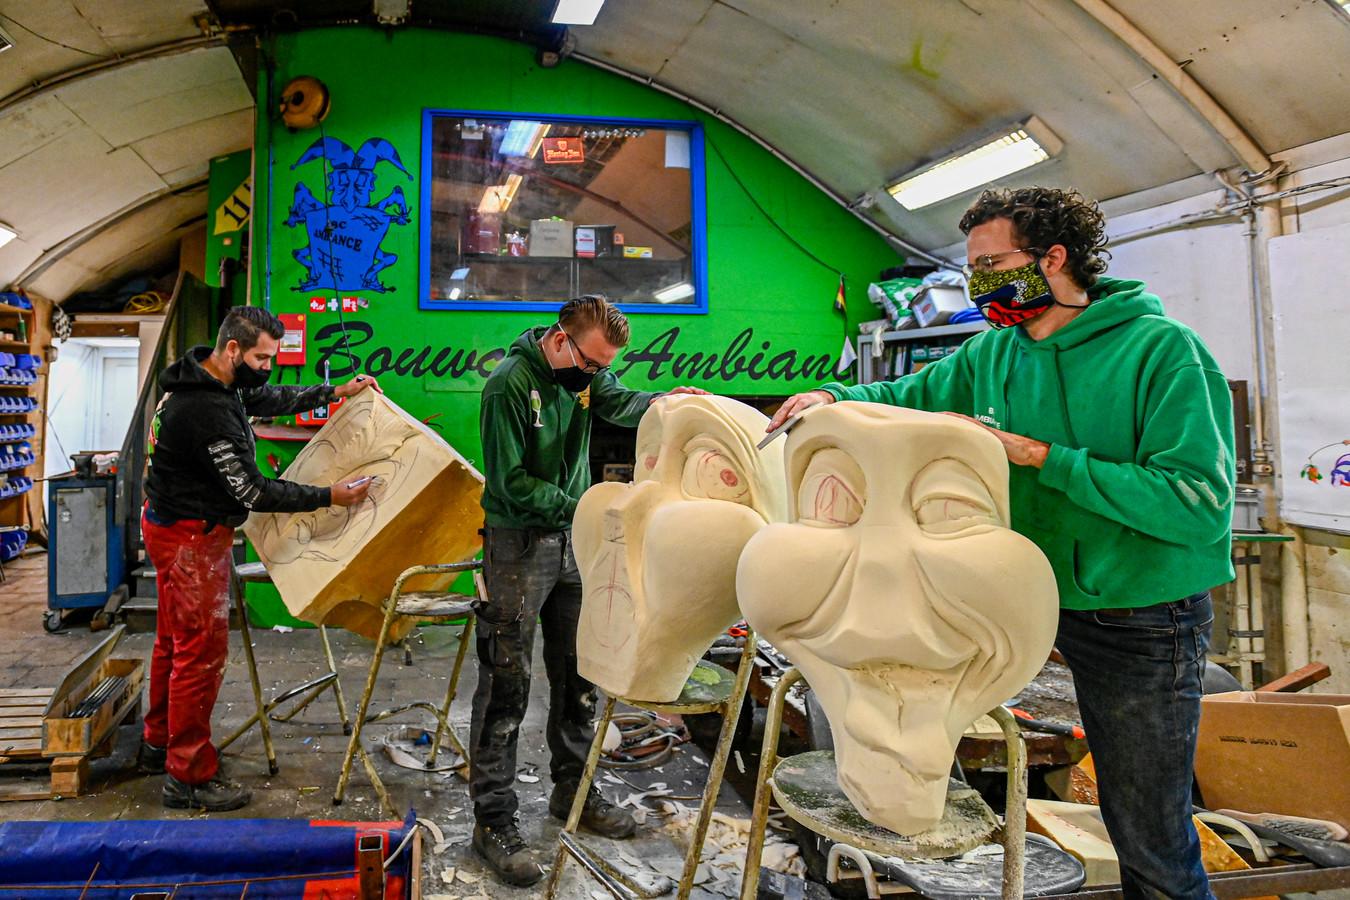 Bij BC Ambiance wordt de komende maanden gewerkt aan een extra spectaculaire wagen voor de optocht van 2022.  (vnlr bouwers Steven de Jong, Marijn Vermunt en Sander de Kroon)